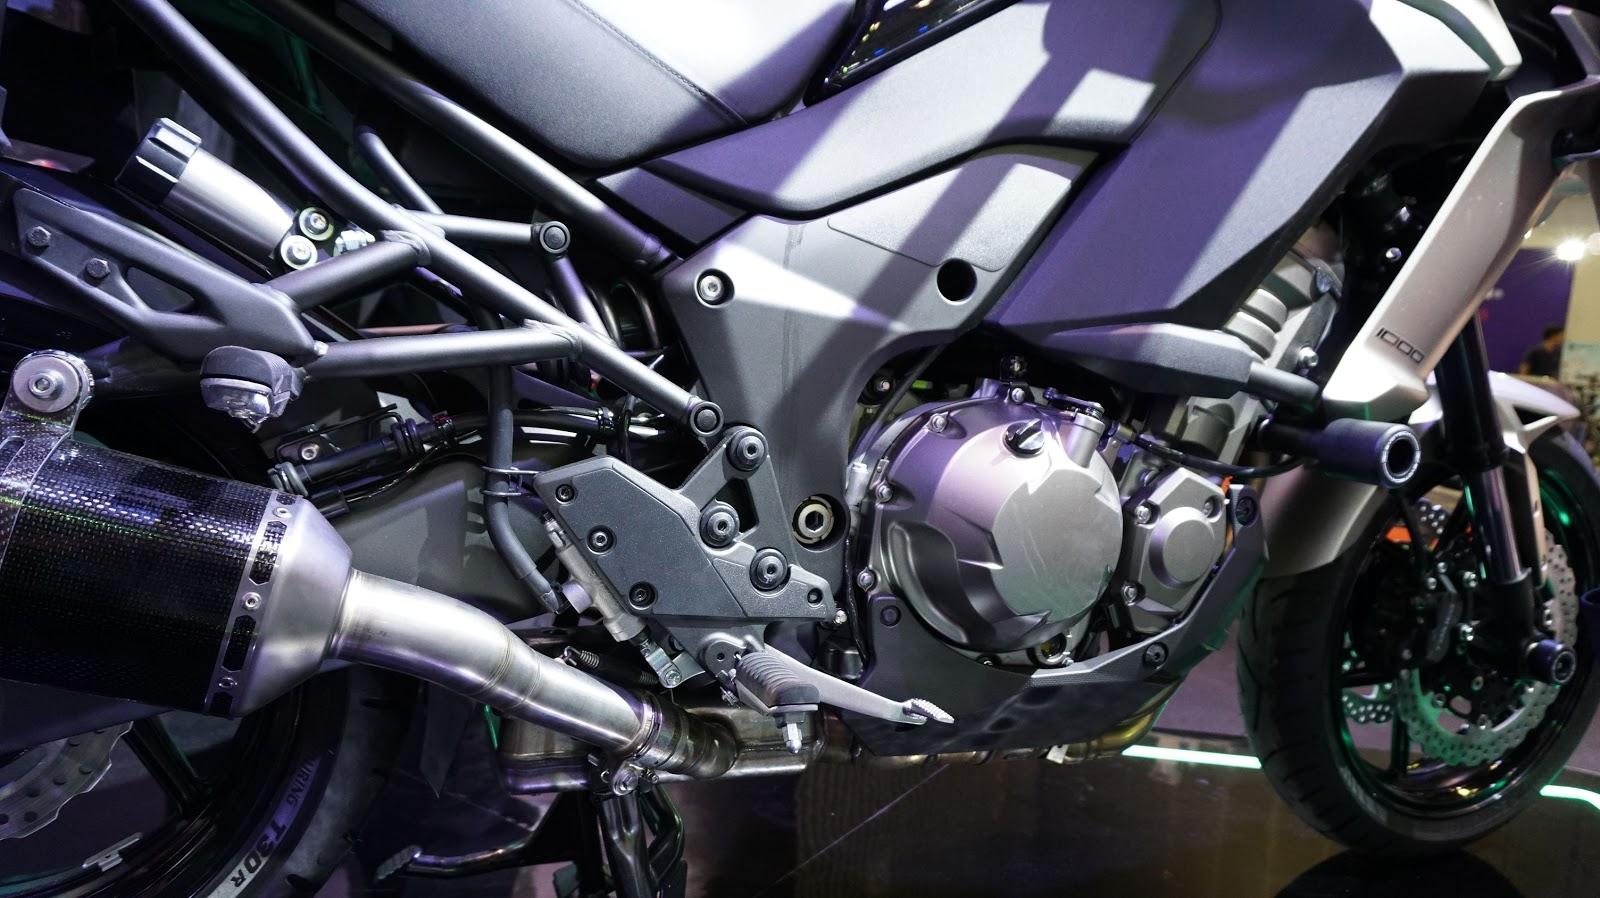 Kawasaki Versys 1000 sở hữu khối động cơ 1043 phân khối, công suất hơn 110 mã lực